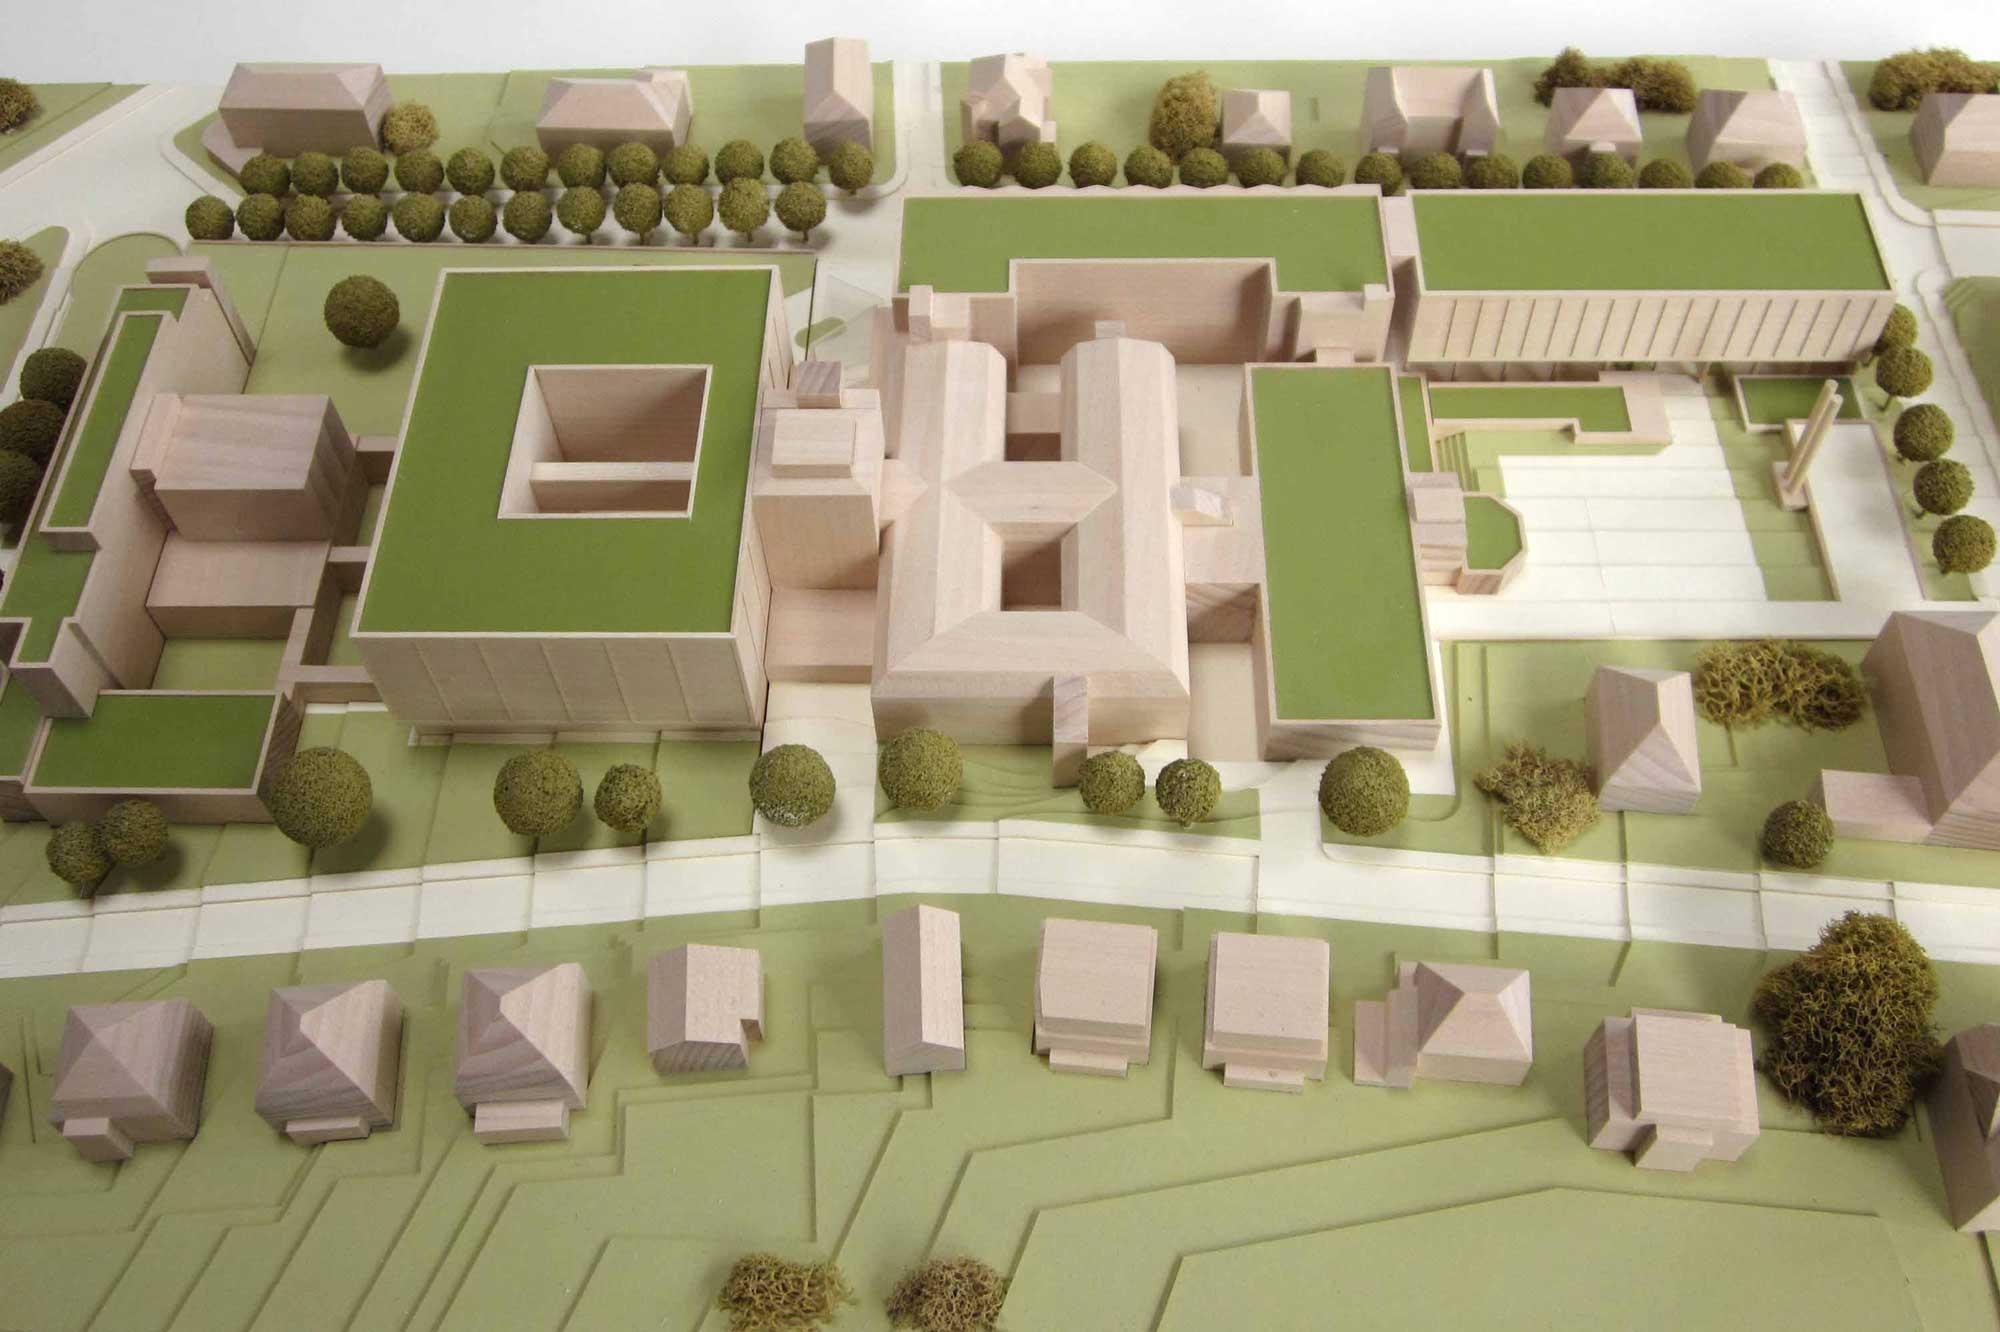 Modell des Klinikum Wiesbaden